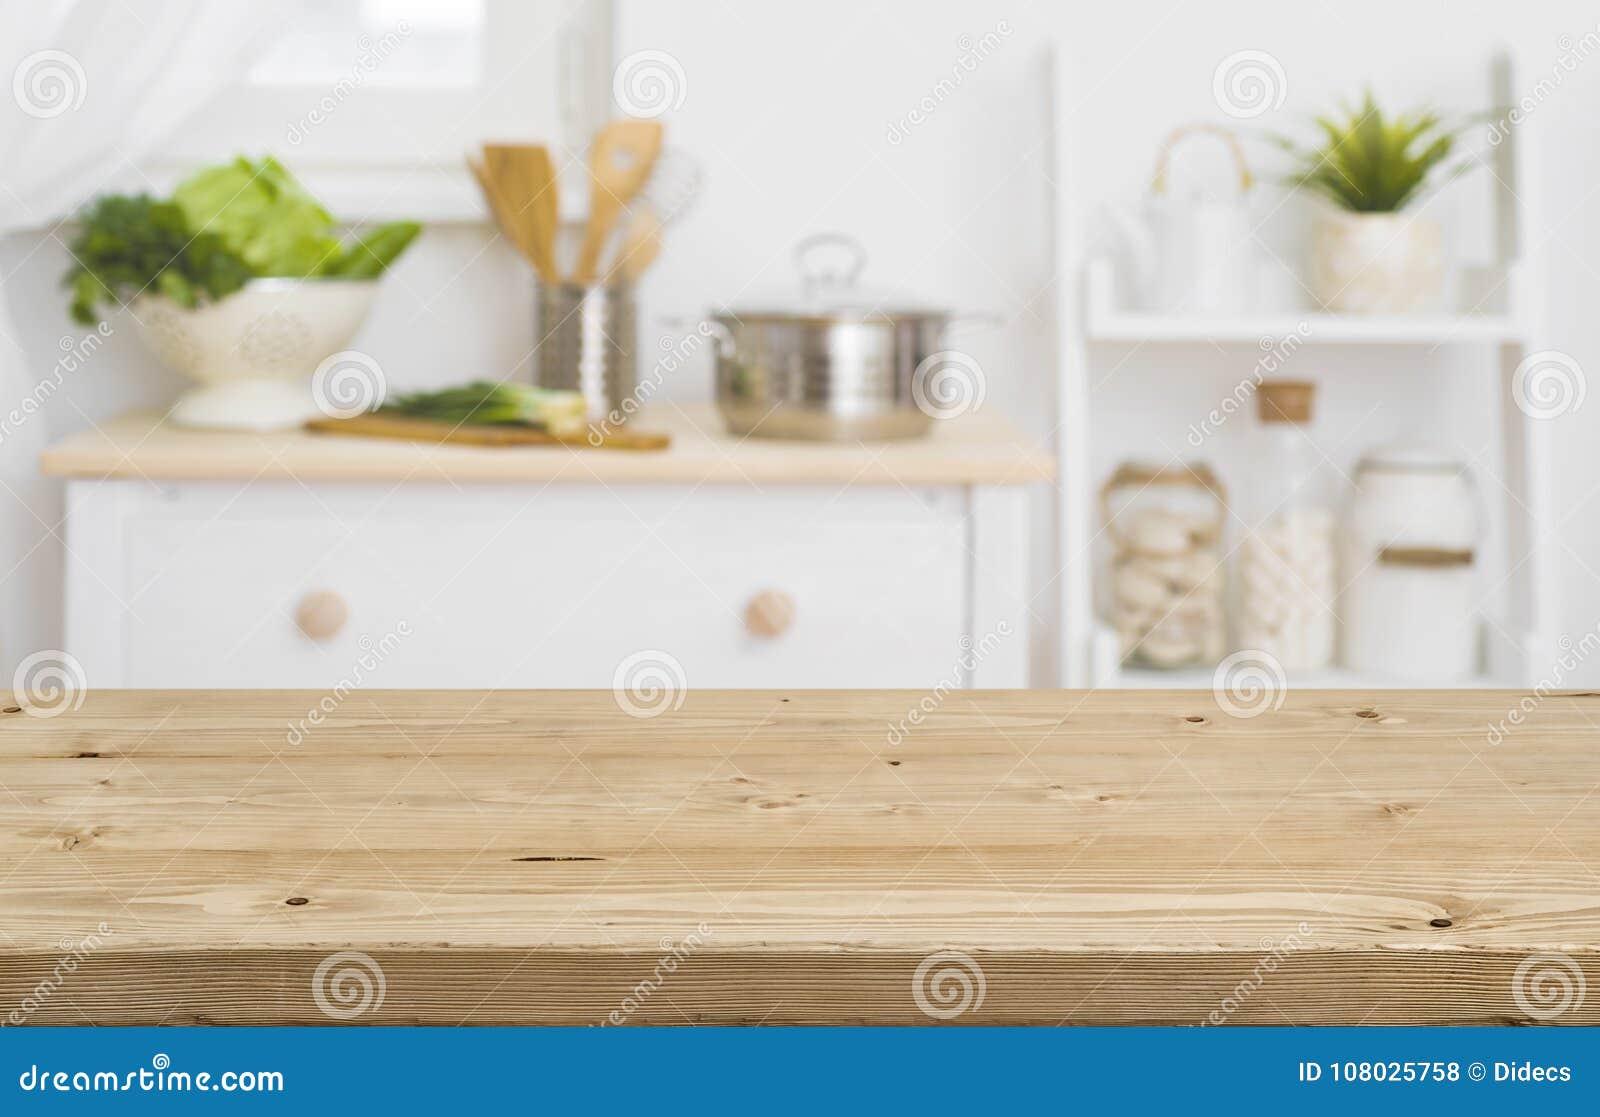 Piano D\'appoggio Con La Mobilia Vaga Della Cucina Come Fondo ...